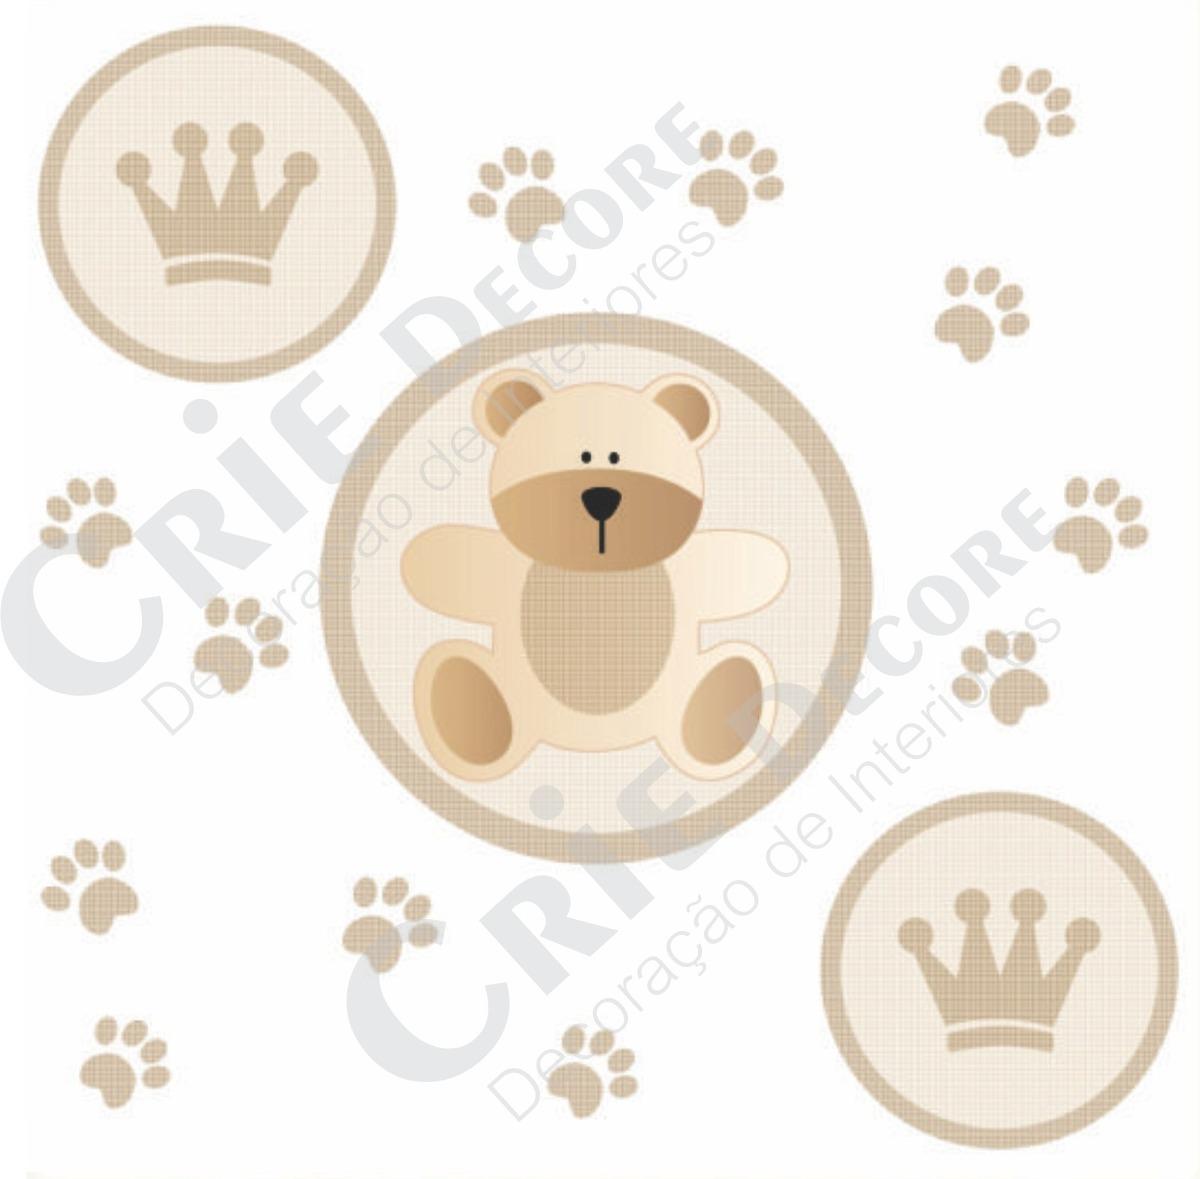 Adesivo De Parede Urso Rei Baby Crie Decore Elo7 ~ Adesivos De Parede Para Quarto De Bebe Urso